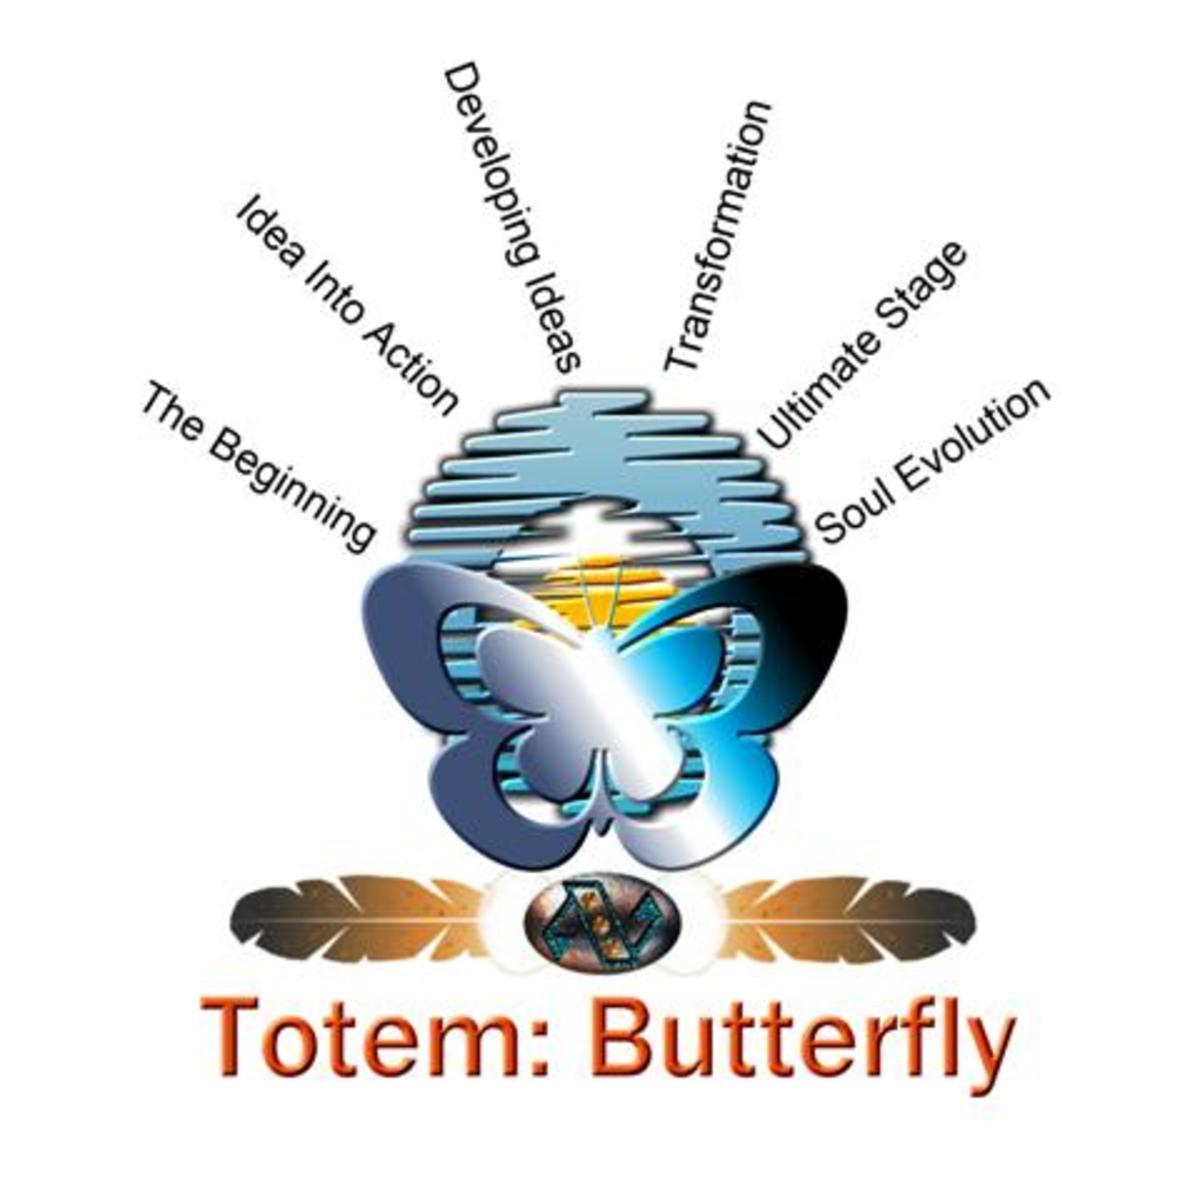 Totem: Butterfly